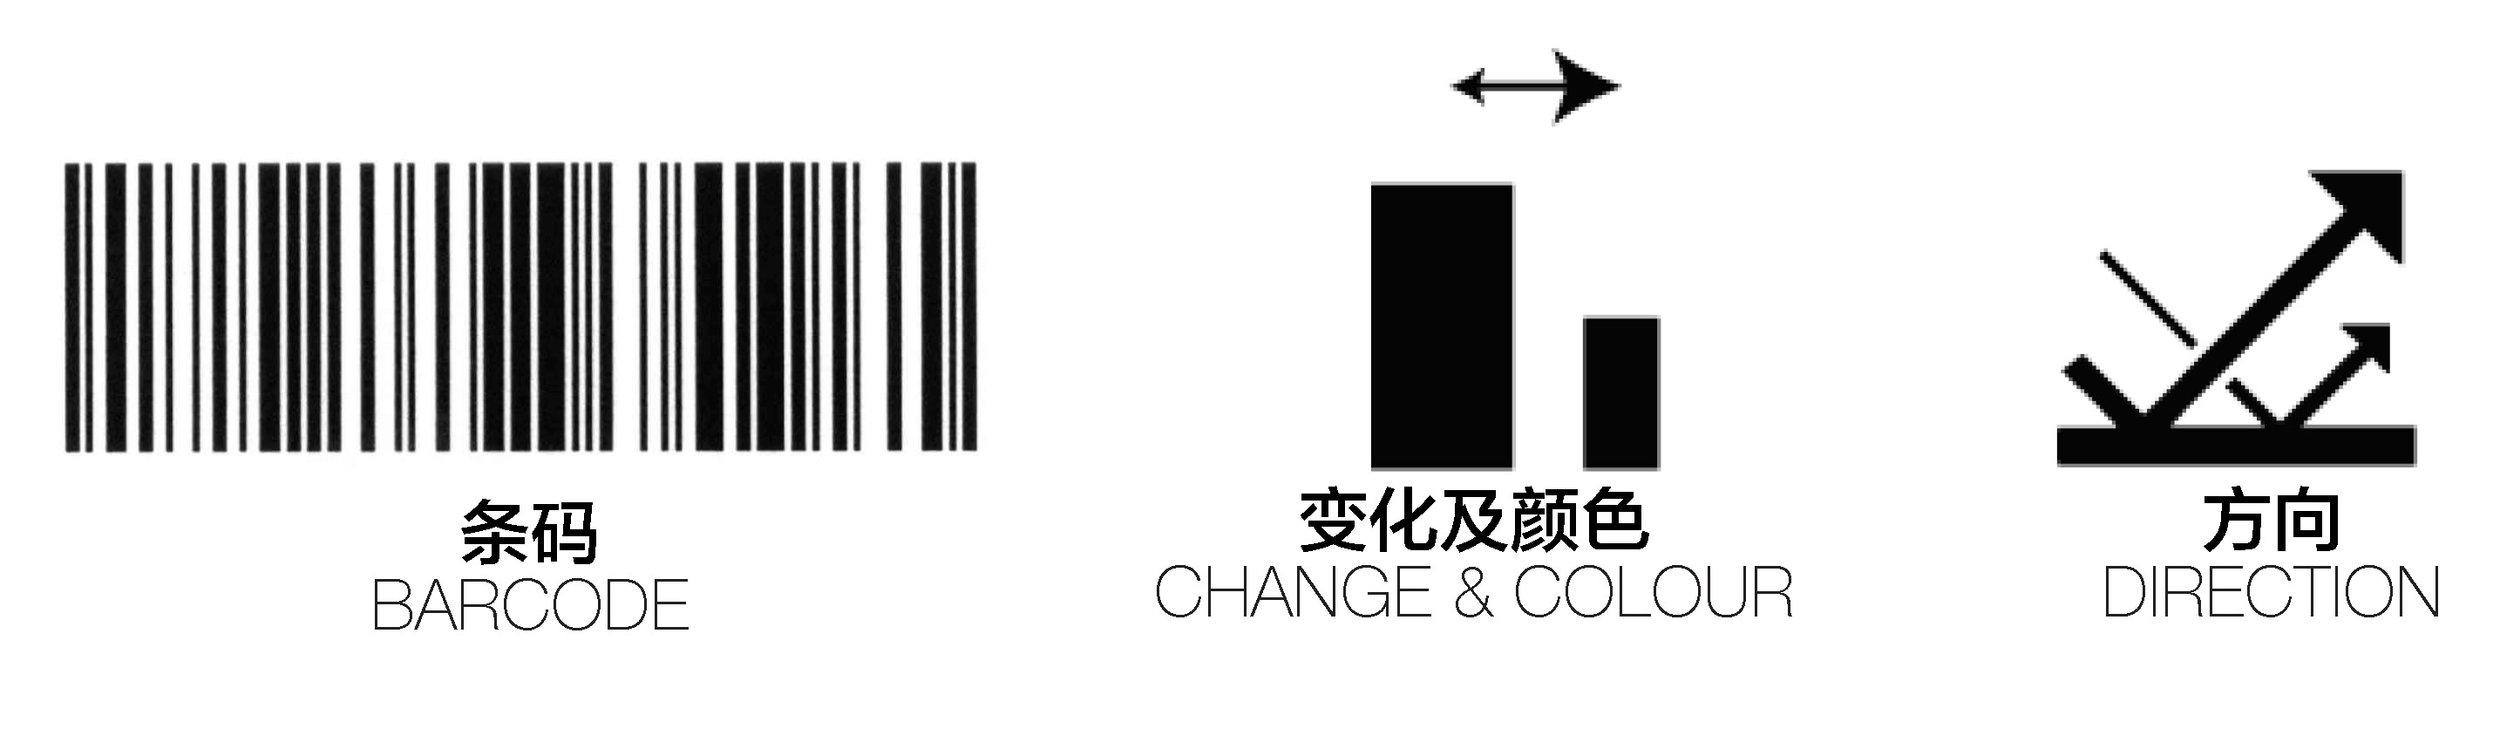 Chongqing Facade Design_Page_07edit.jpg